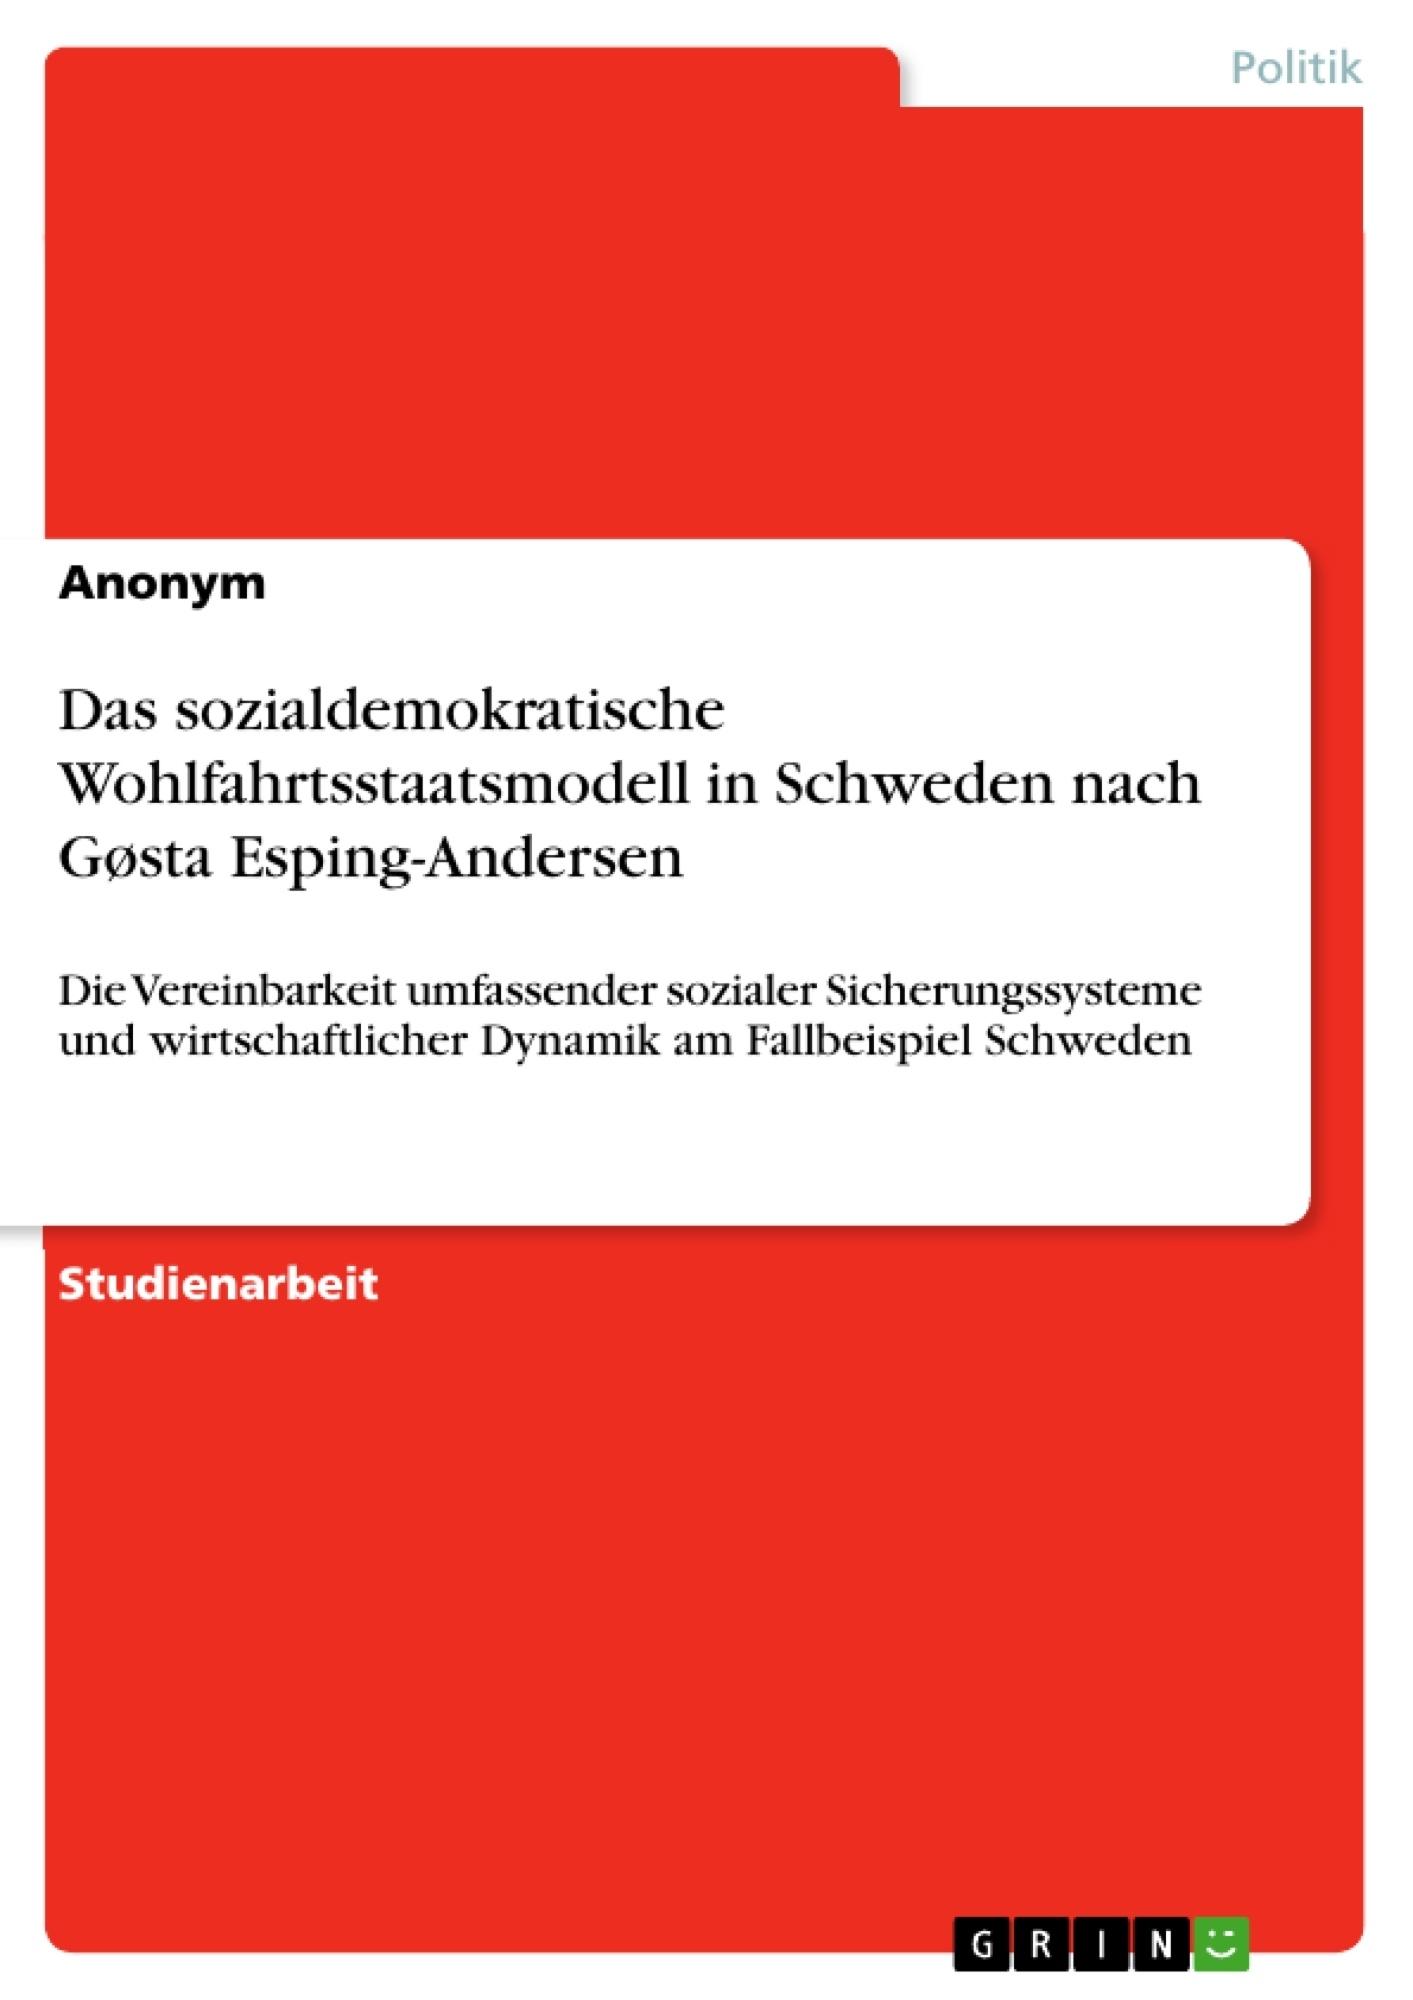 Titel: Das sozialdemokratische Wohlfahrtsstaatsmodell in Schweden nach Gøsta Esping-Andersen